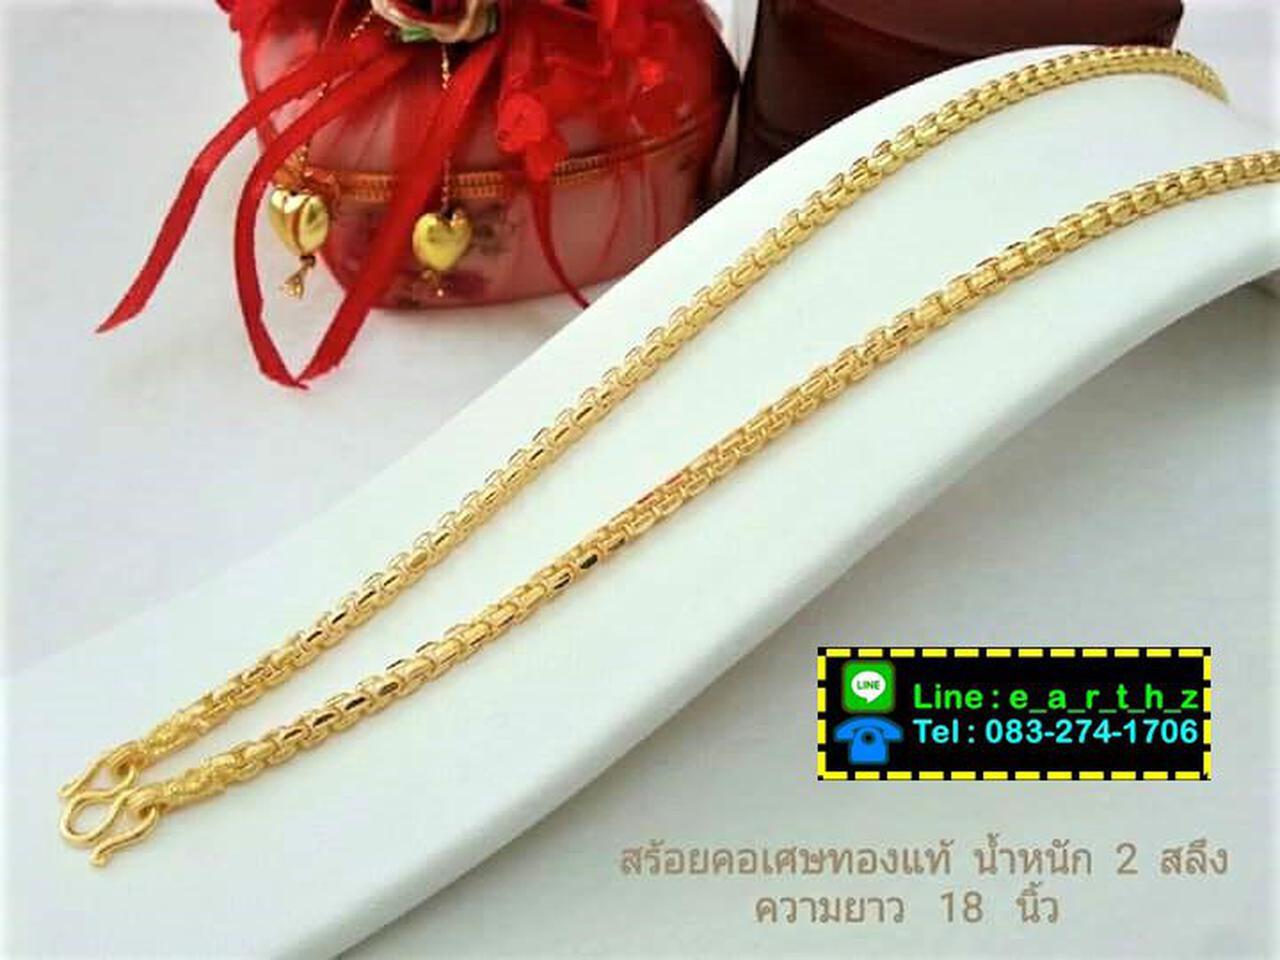 ทอง ทองคำ เครื่องประดับ สร้อยคอ สร้อยข้อมือ แหวน ทองคำ เศษทองคำแท้ จากเศษทองคำเยาวราช สะเก็ตของทองแท้ เมื่อผ่า รูปที่ 1